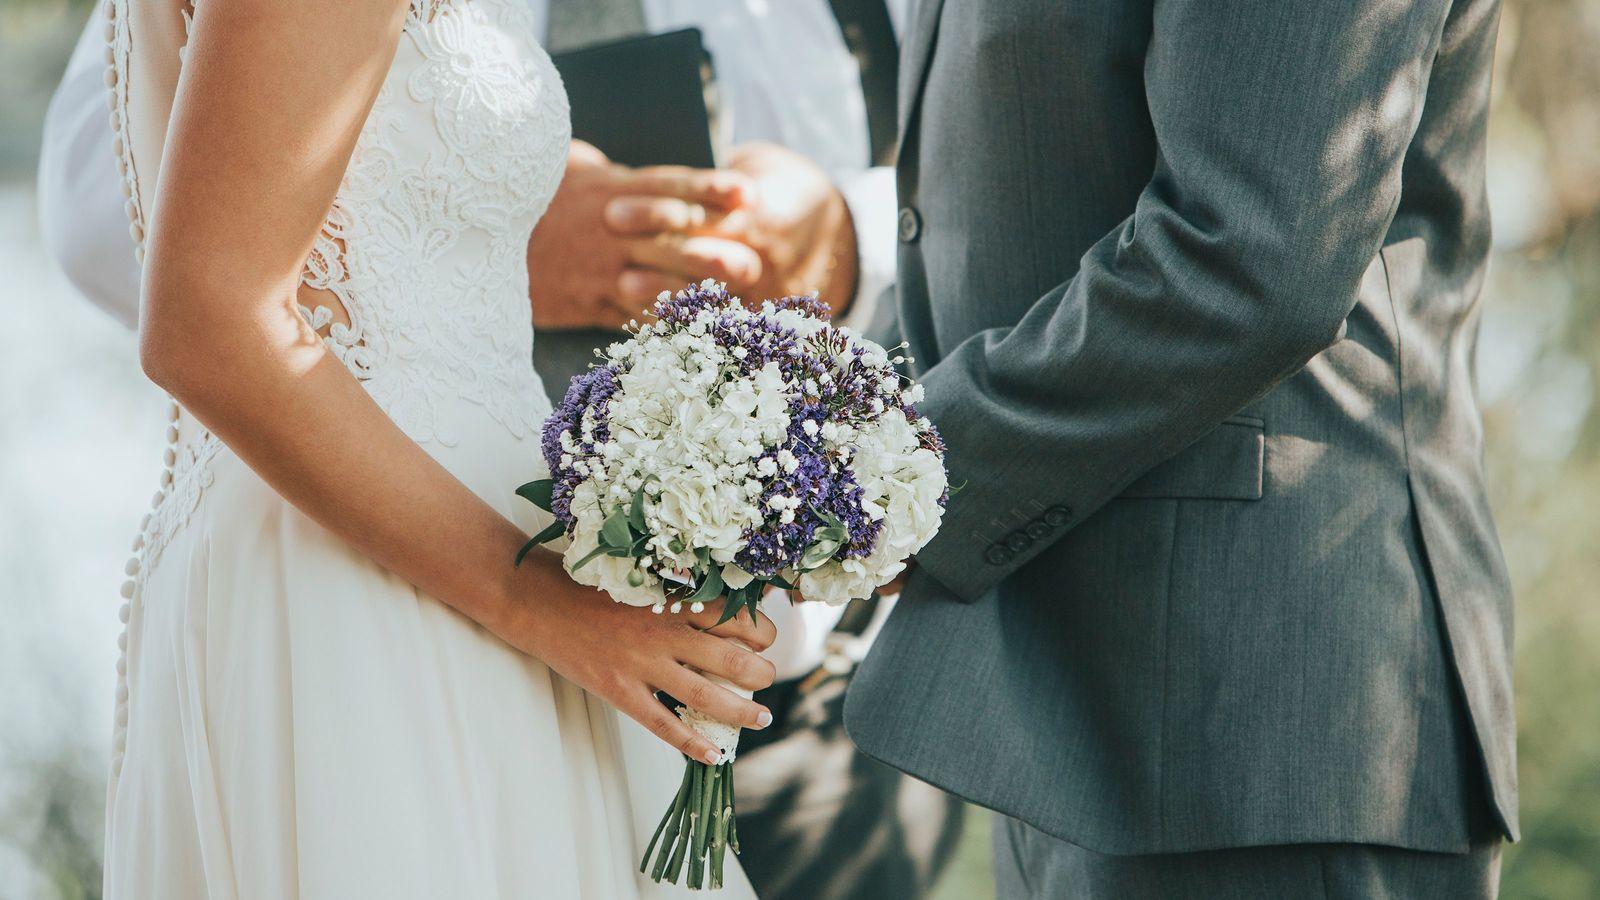 最新アンケート「この学歴で結婚なら一生独身のほうがマシ」 結婚したい大学したくない大学2020